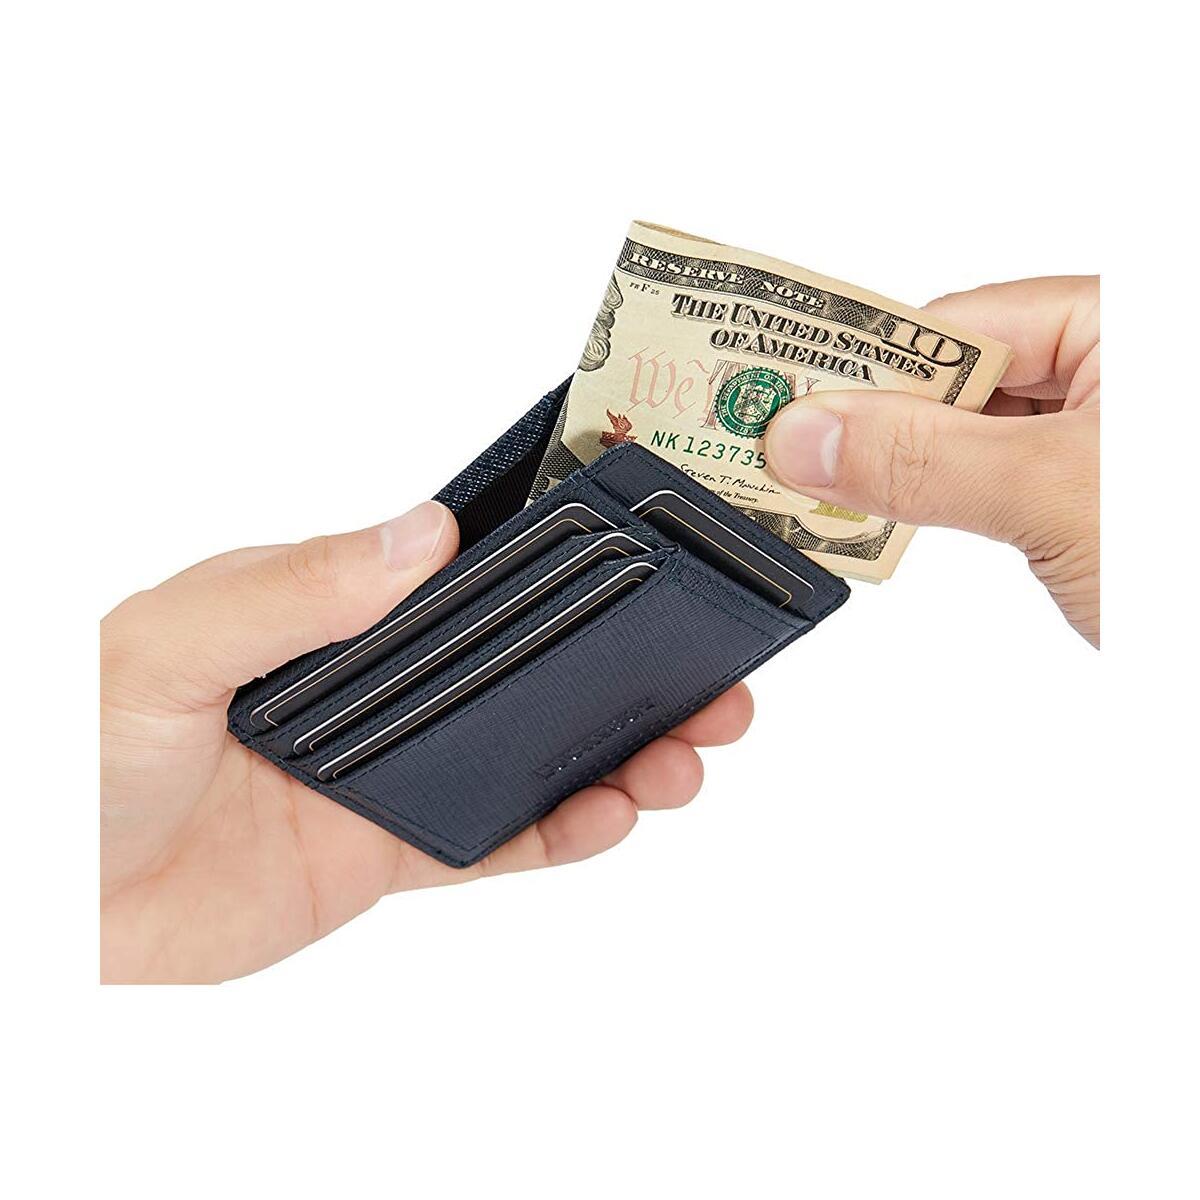 Minimalist Wallets for Men RFID Business Card Holder Retro Leather Slim Credit Card Case Front Pocket Travel Wallet